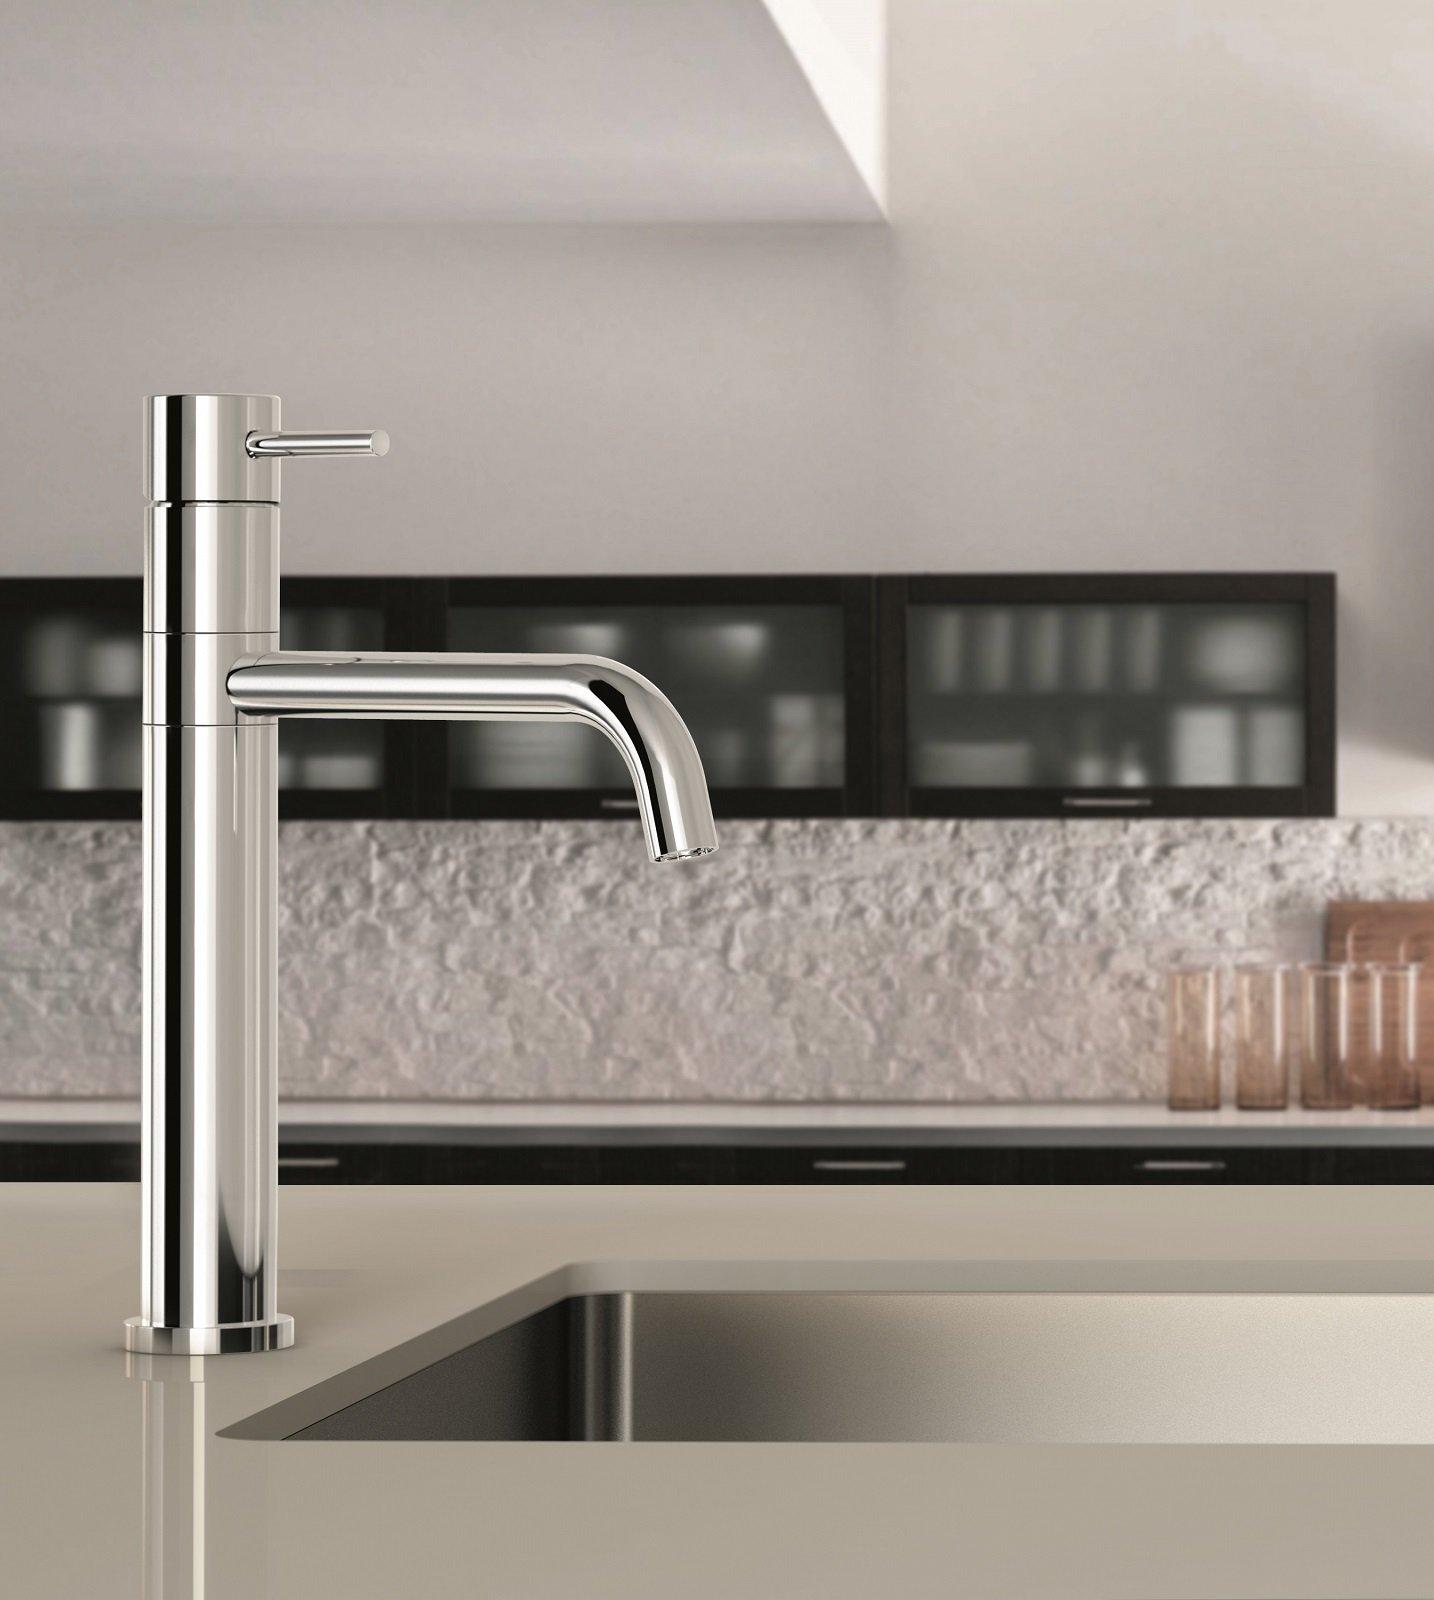 Miscelatori per la cucina per risparmiare acqua - Cose di Casa